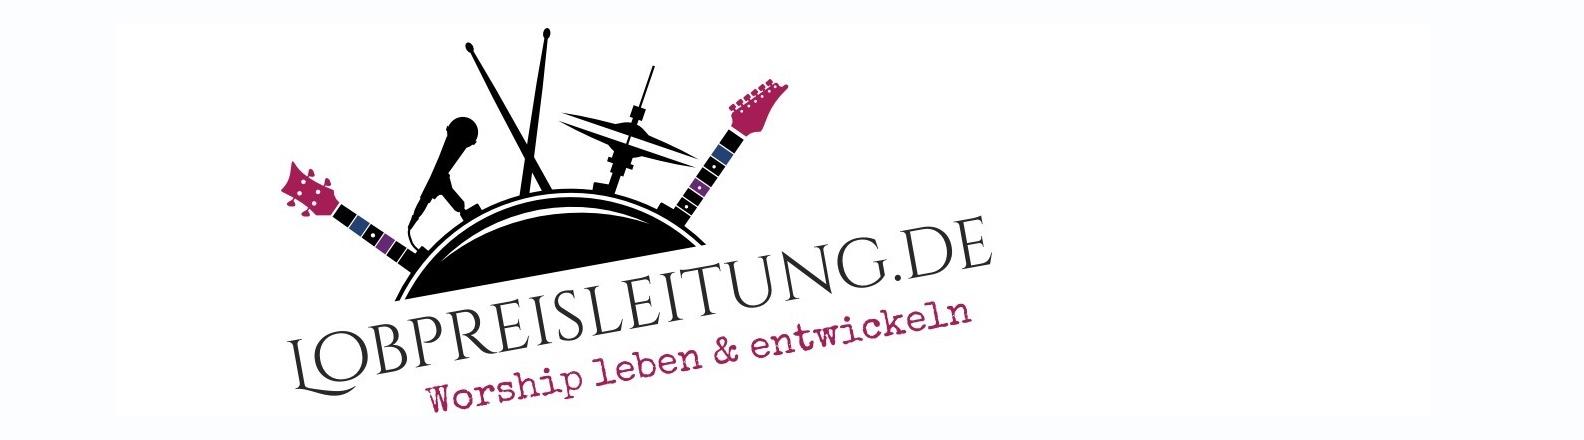 Lobpreisleitung.de Logo